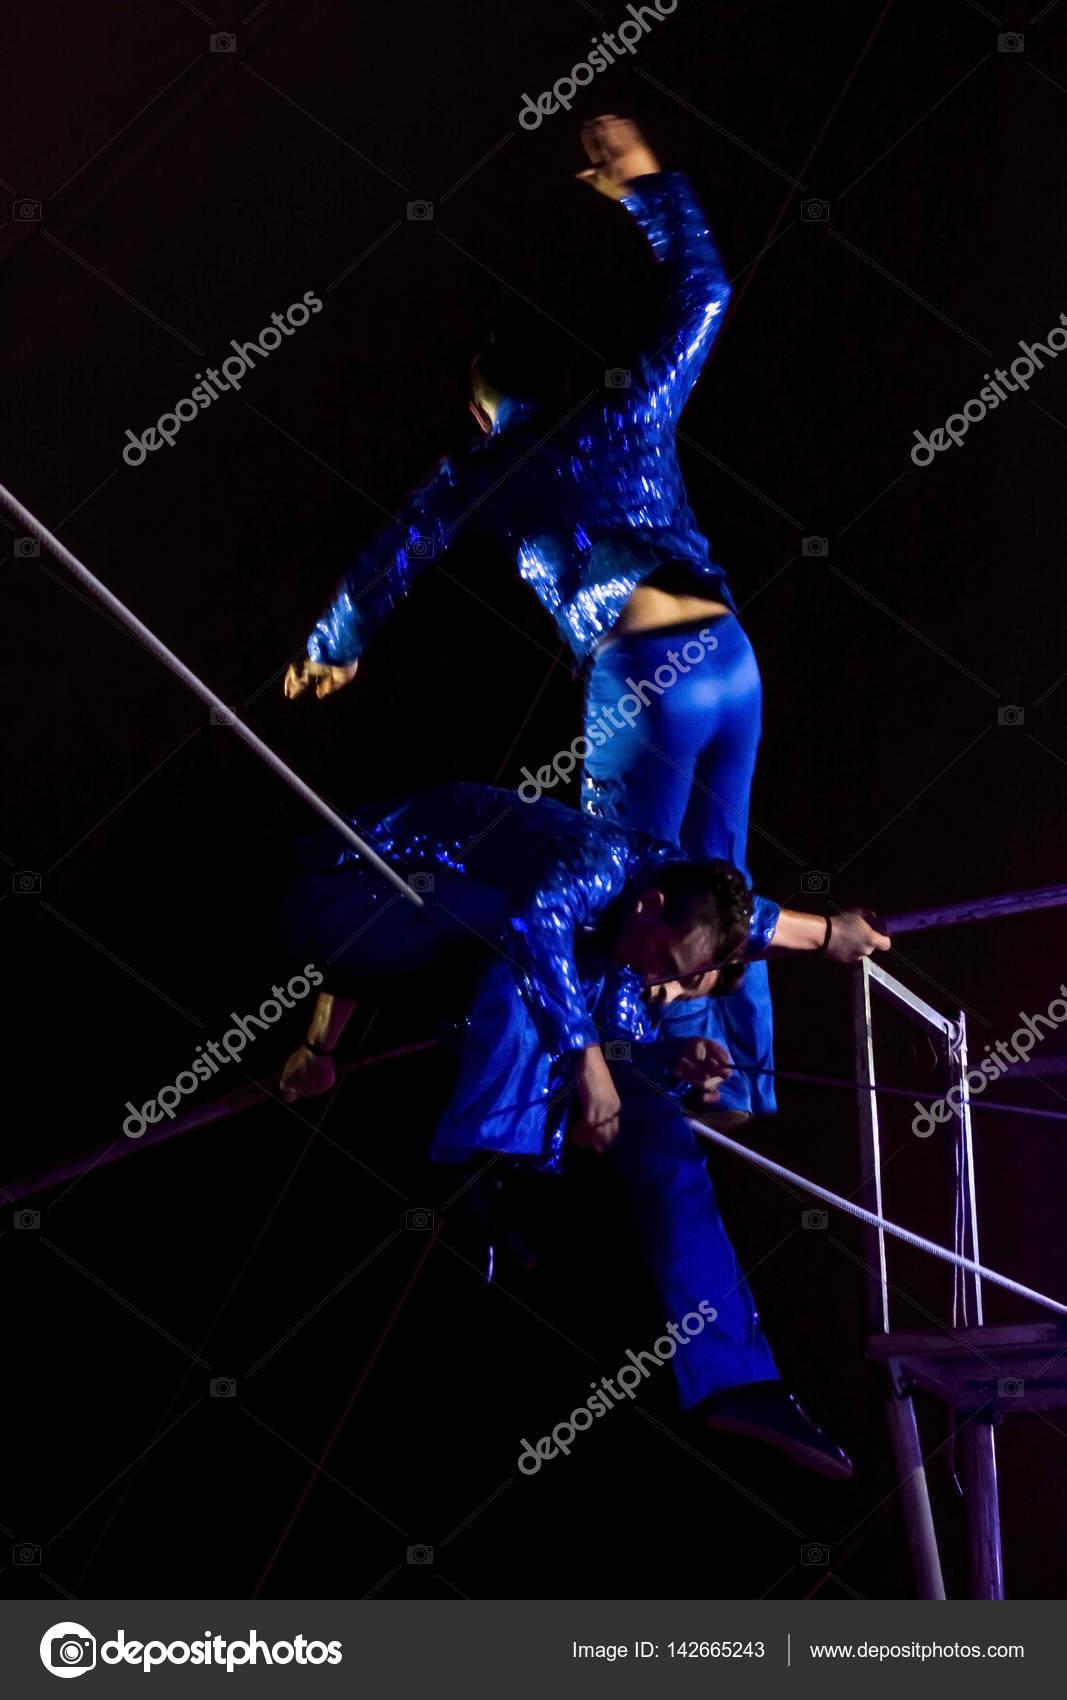 Equilibrio en el aire — Foto editorial de stock © belizar #142665243